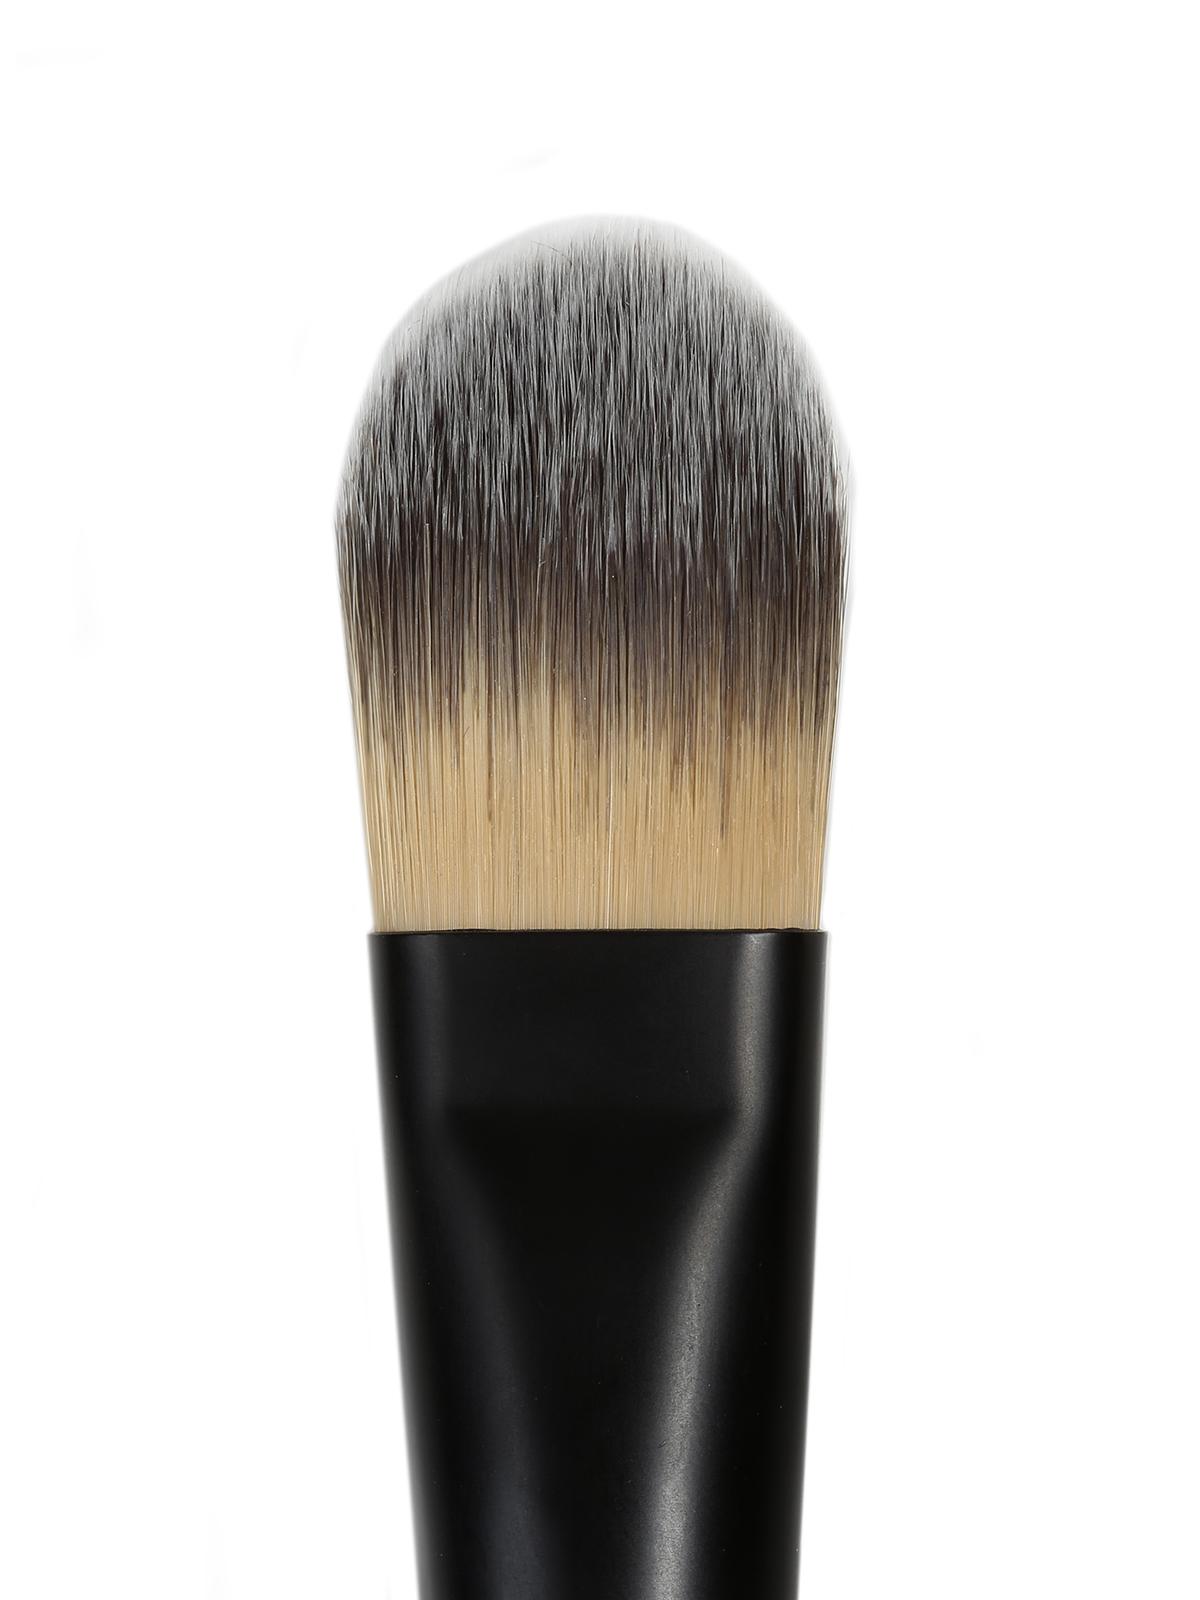 Foundation Brush #211